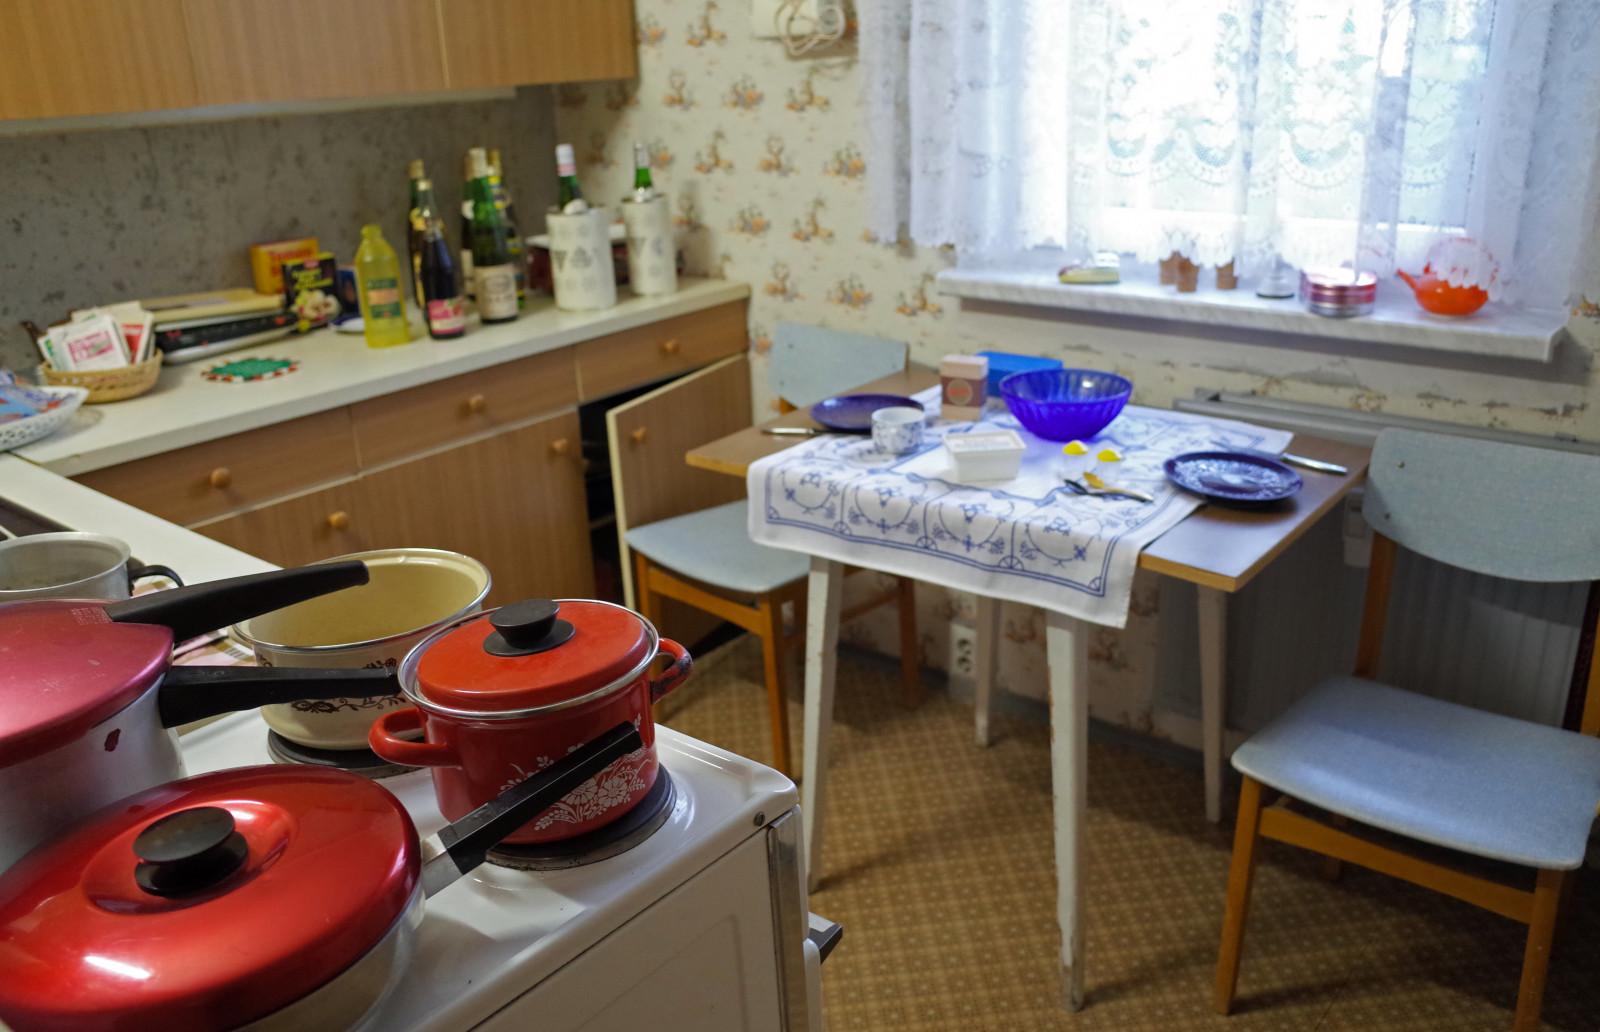 Hintergrundbilder : Zimmer, Tabelle, Küche, Innenarchitektur, Berlin ...